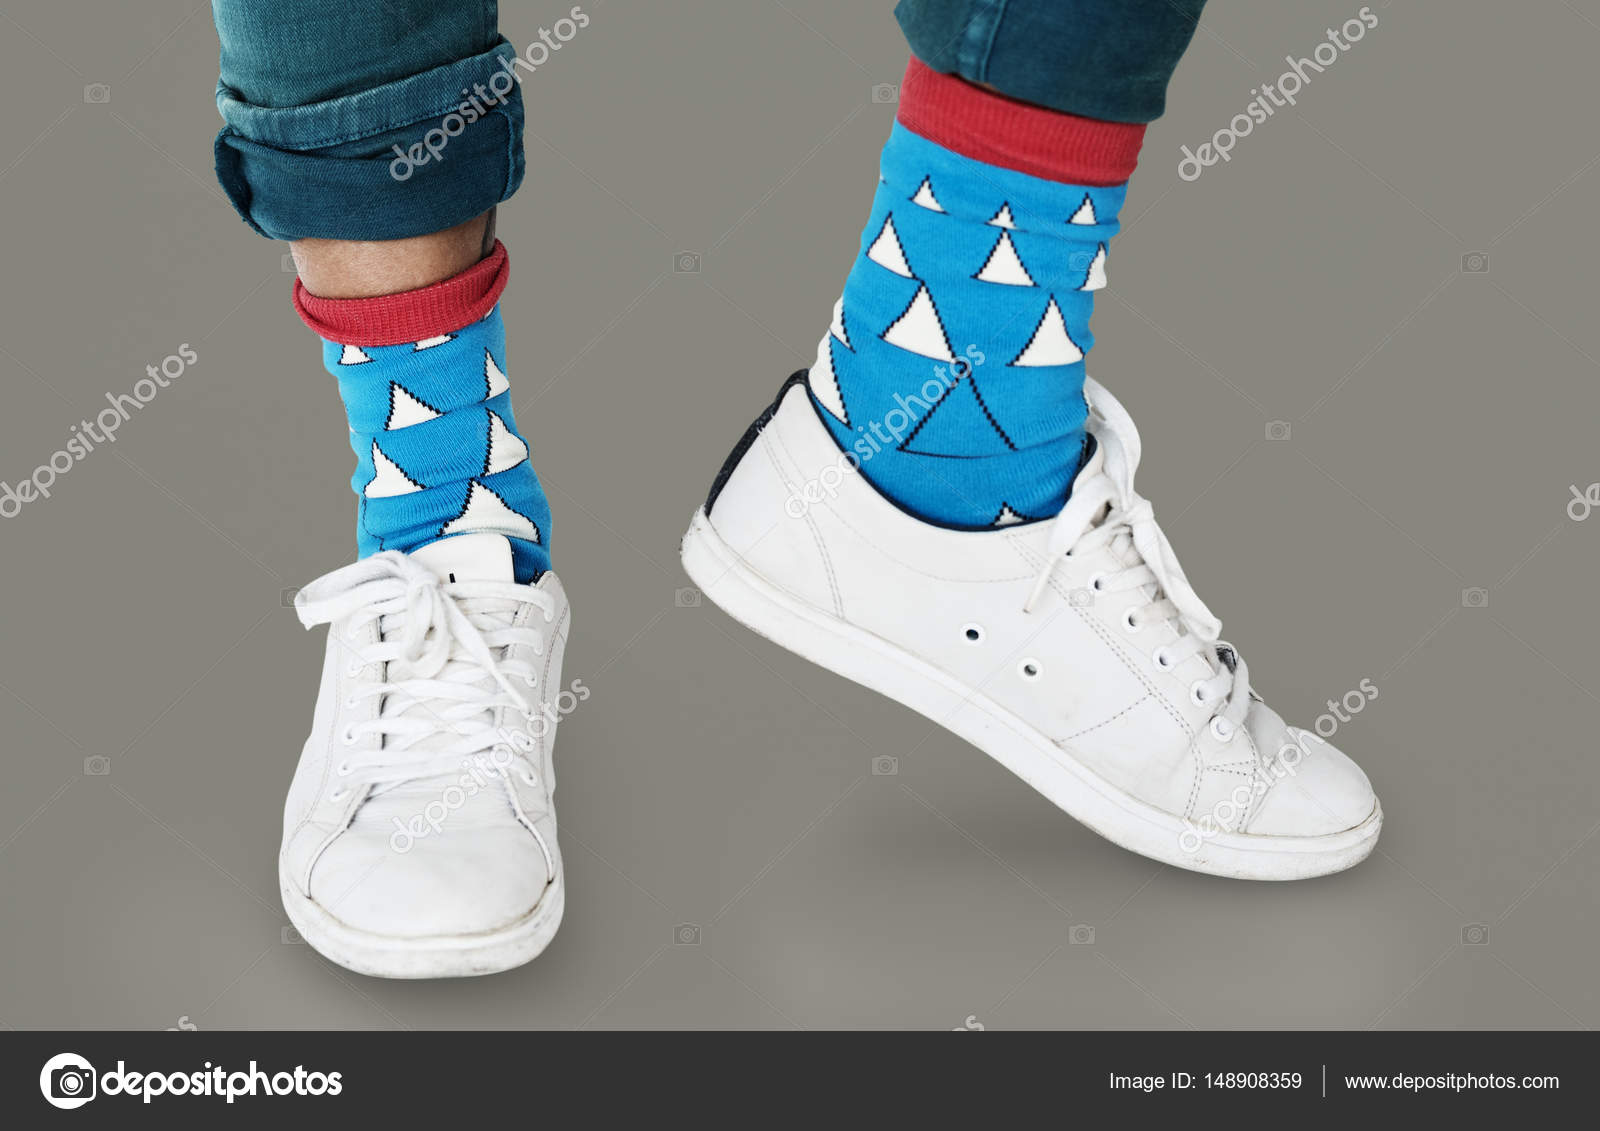 Παπούτσια πάνινα παπούτσια και μπλε κάλτσες — Φωτογραφία Αρχείου ... b9f6959c2aa